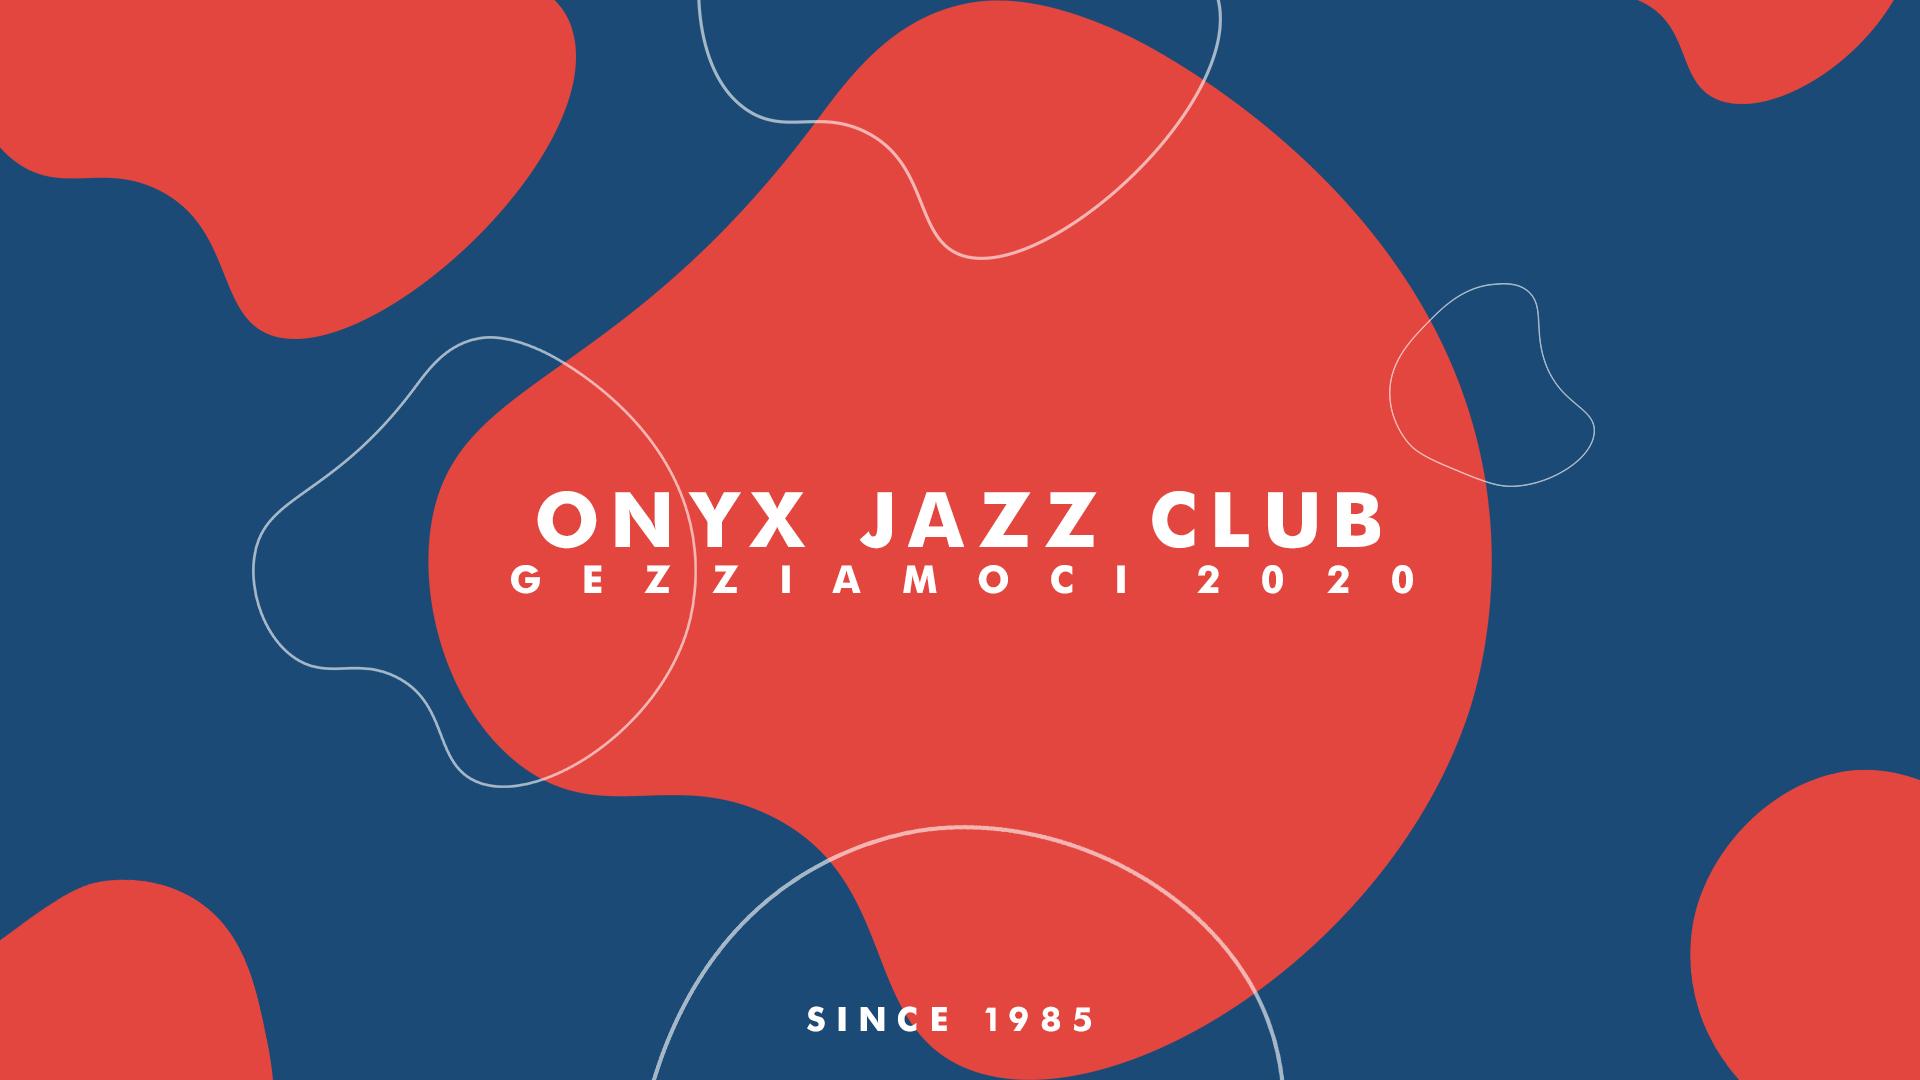 L'Estate del jazz ai tempi del Coronavirus – Gezziamoci